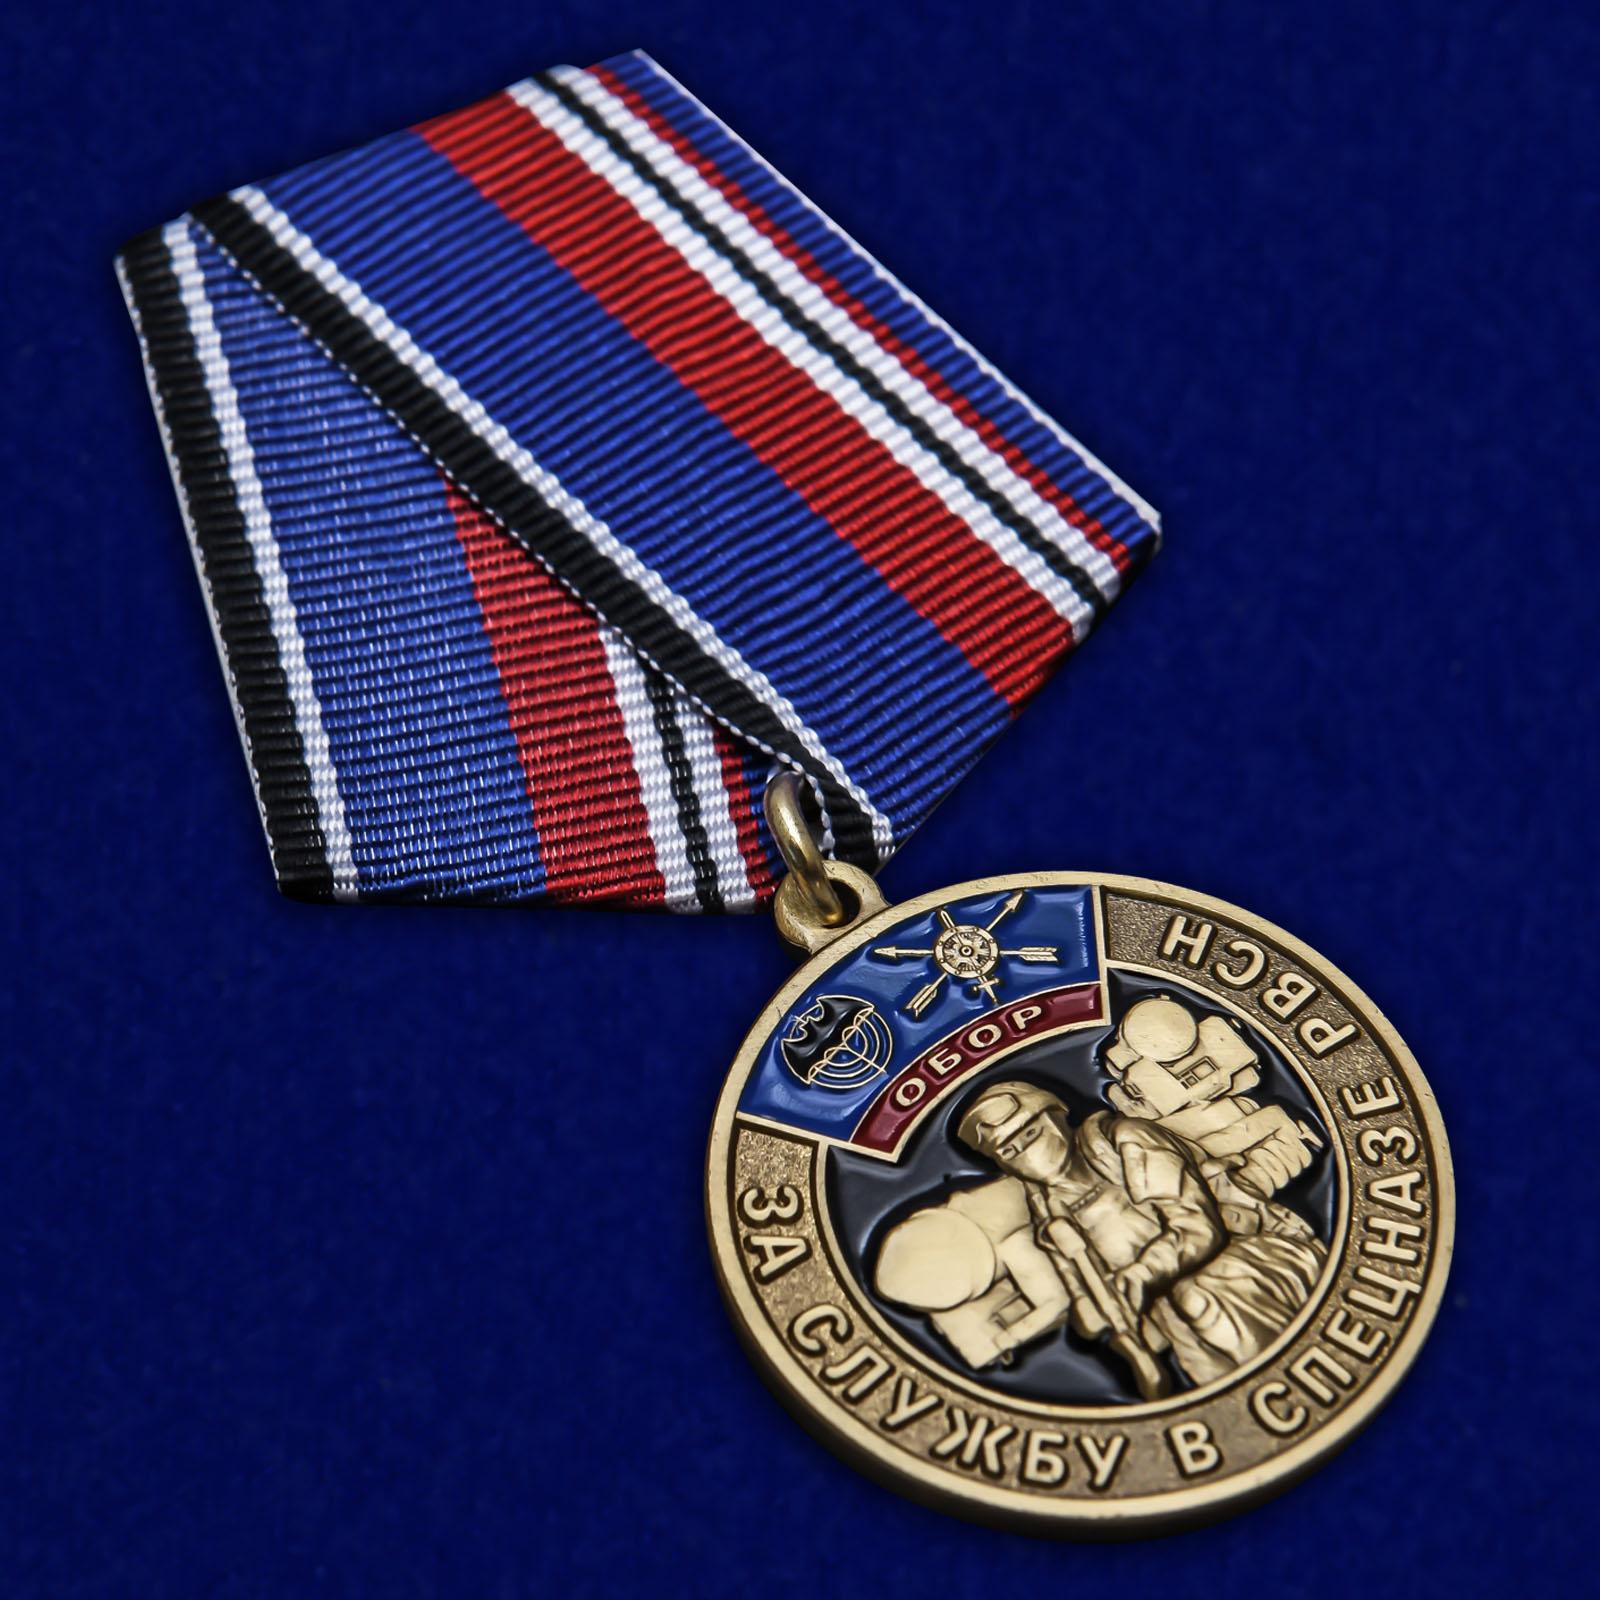 """Купить медаль """"За службу в спецназе РВСН"""""""